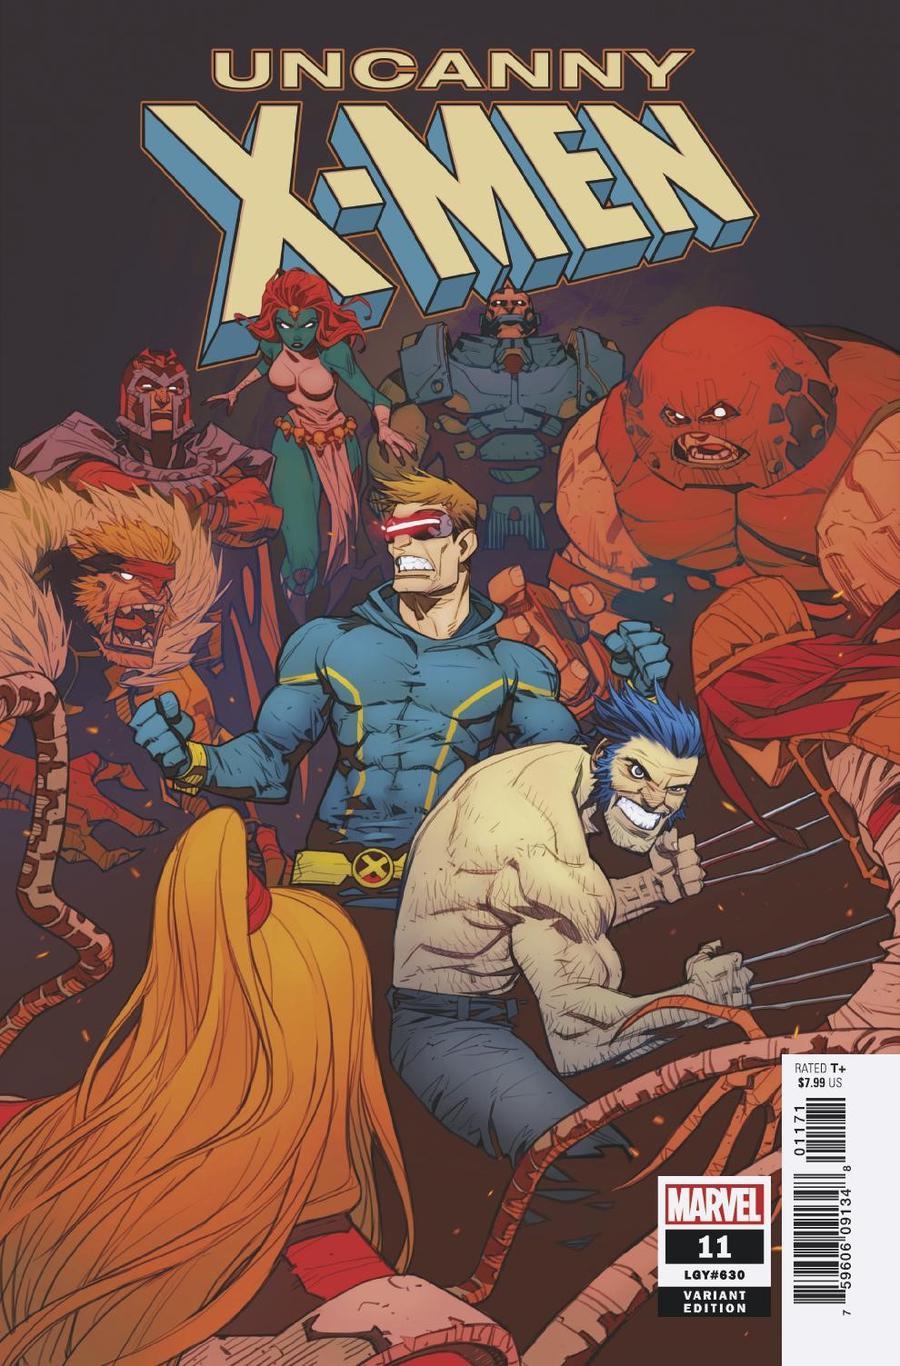 Uncanny X-Men Vol 5 #11 Cover F Variant Eduard Petrovich Cover